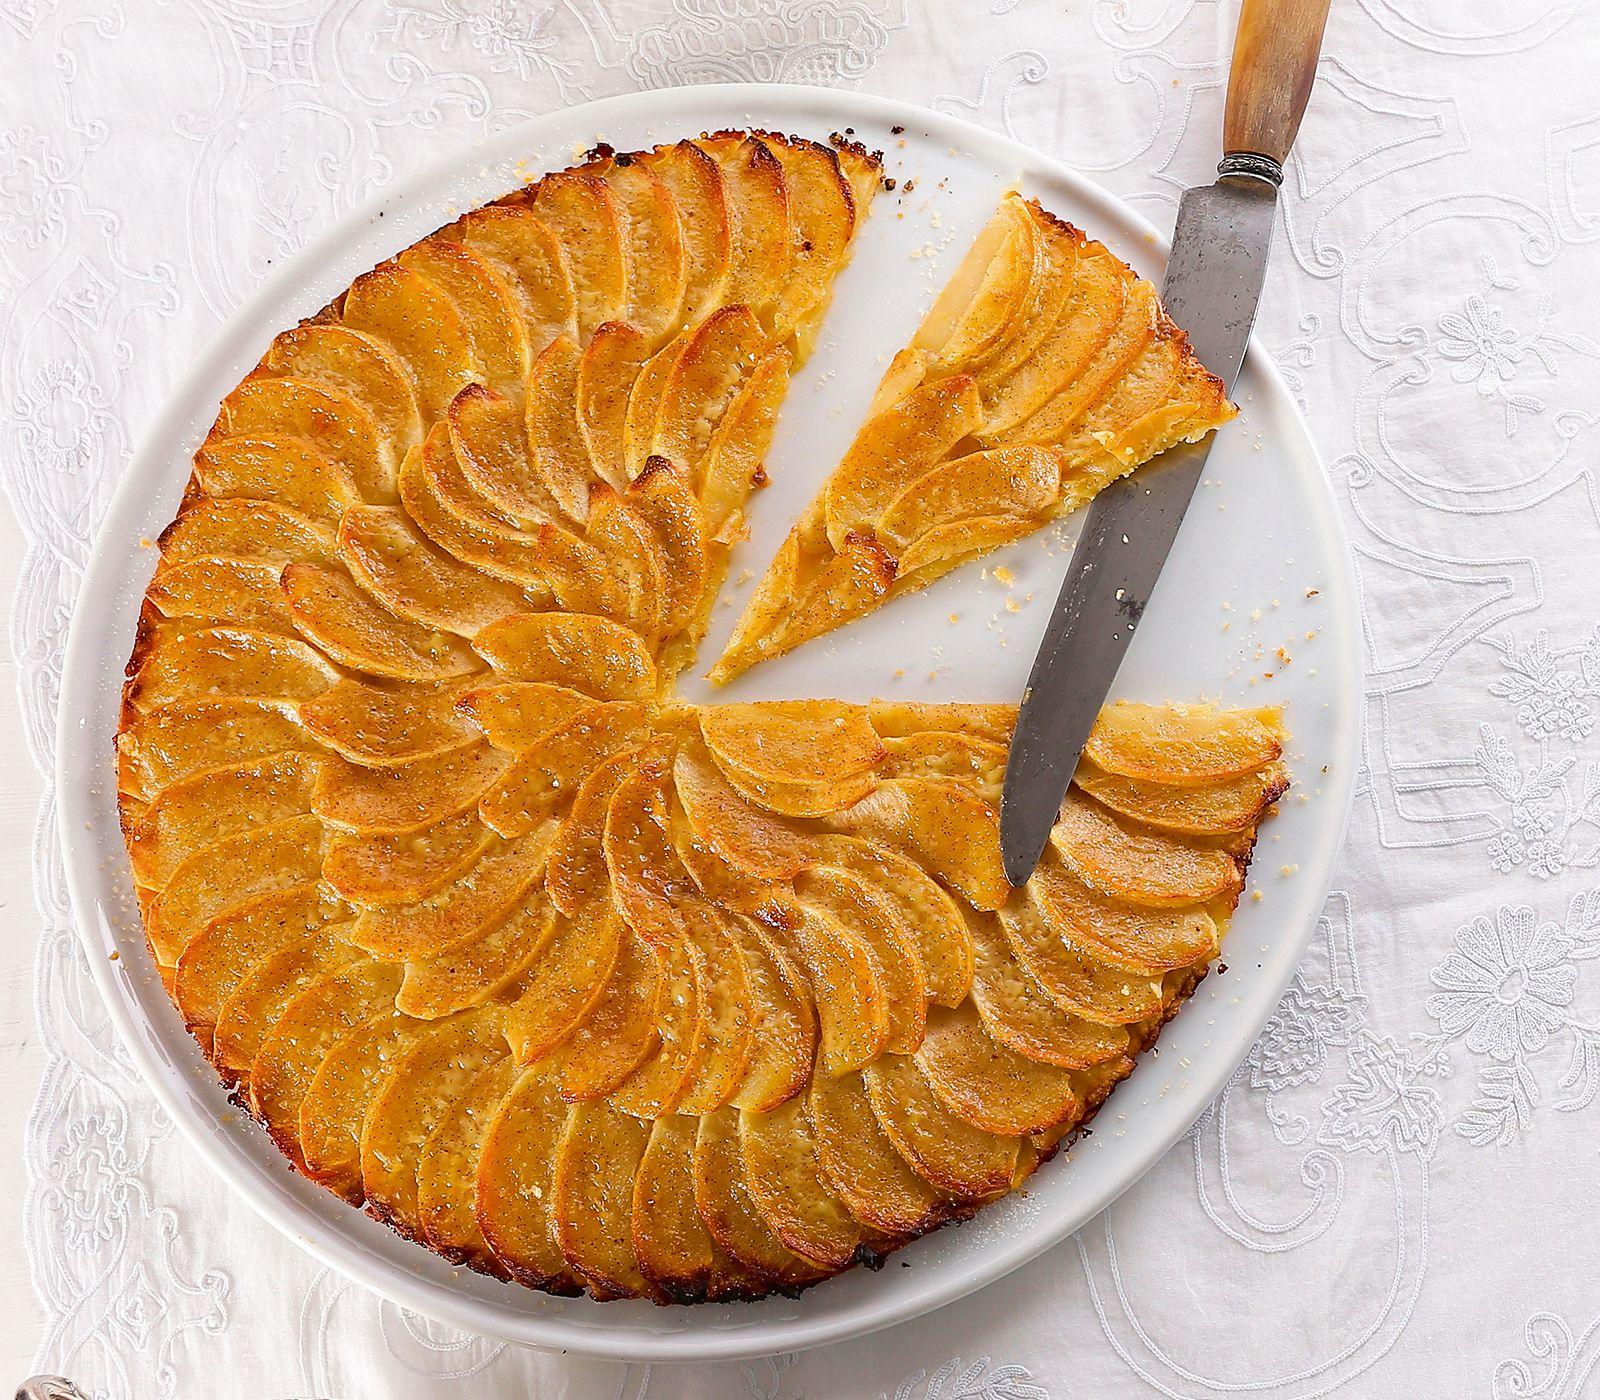 Dieser sehr dünne, fruchtige Kuchen lässt sich beinahe falten. Aber manchmal darf es zum Dessert ja auch nur etwas Zartes sein.